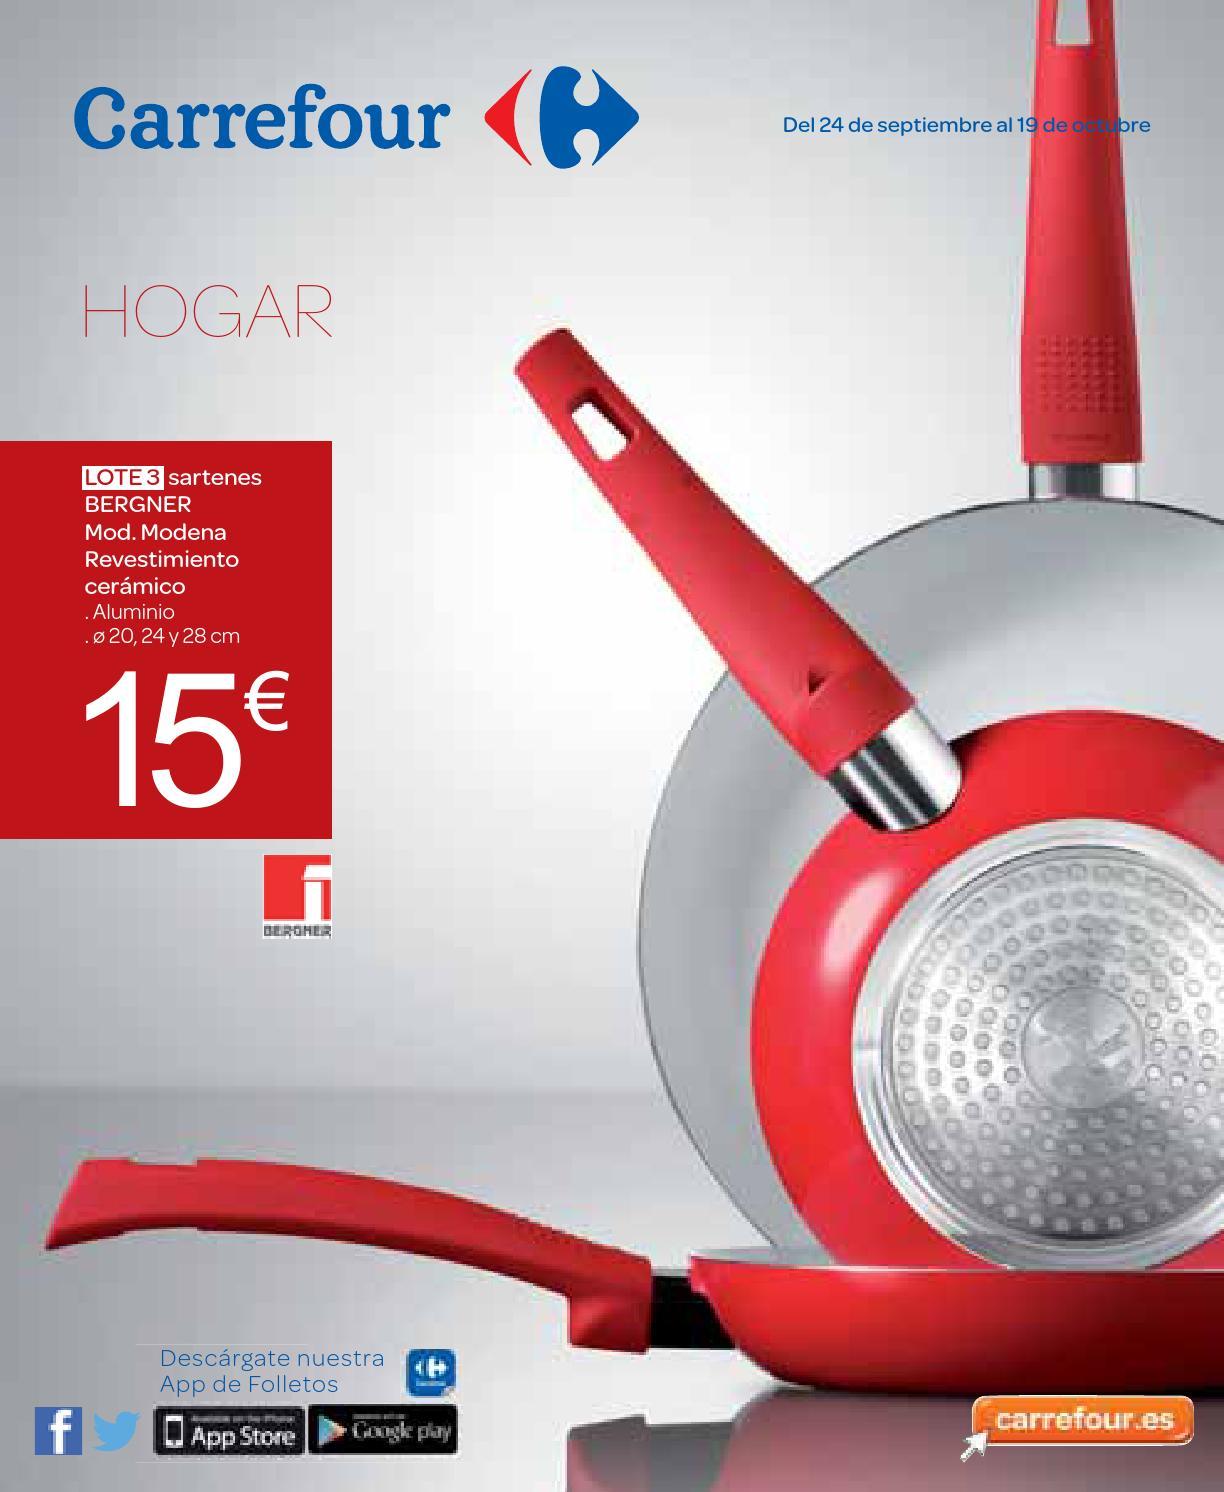 Hogar otono 240914 medium nacional by losdescuentos issuu - Carrefour menaje hogar ...